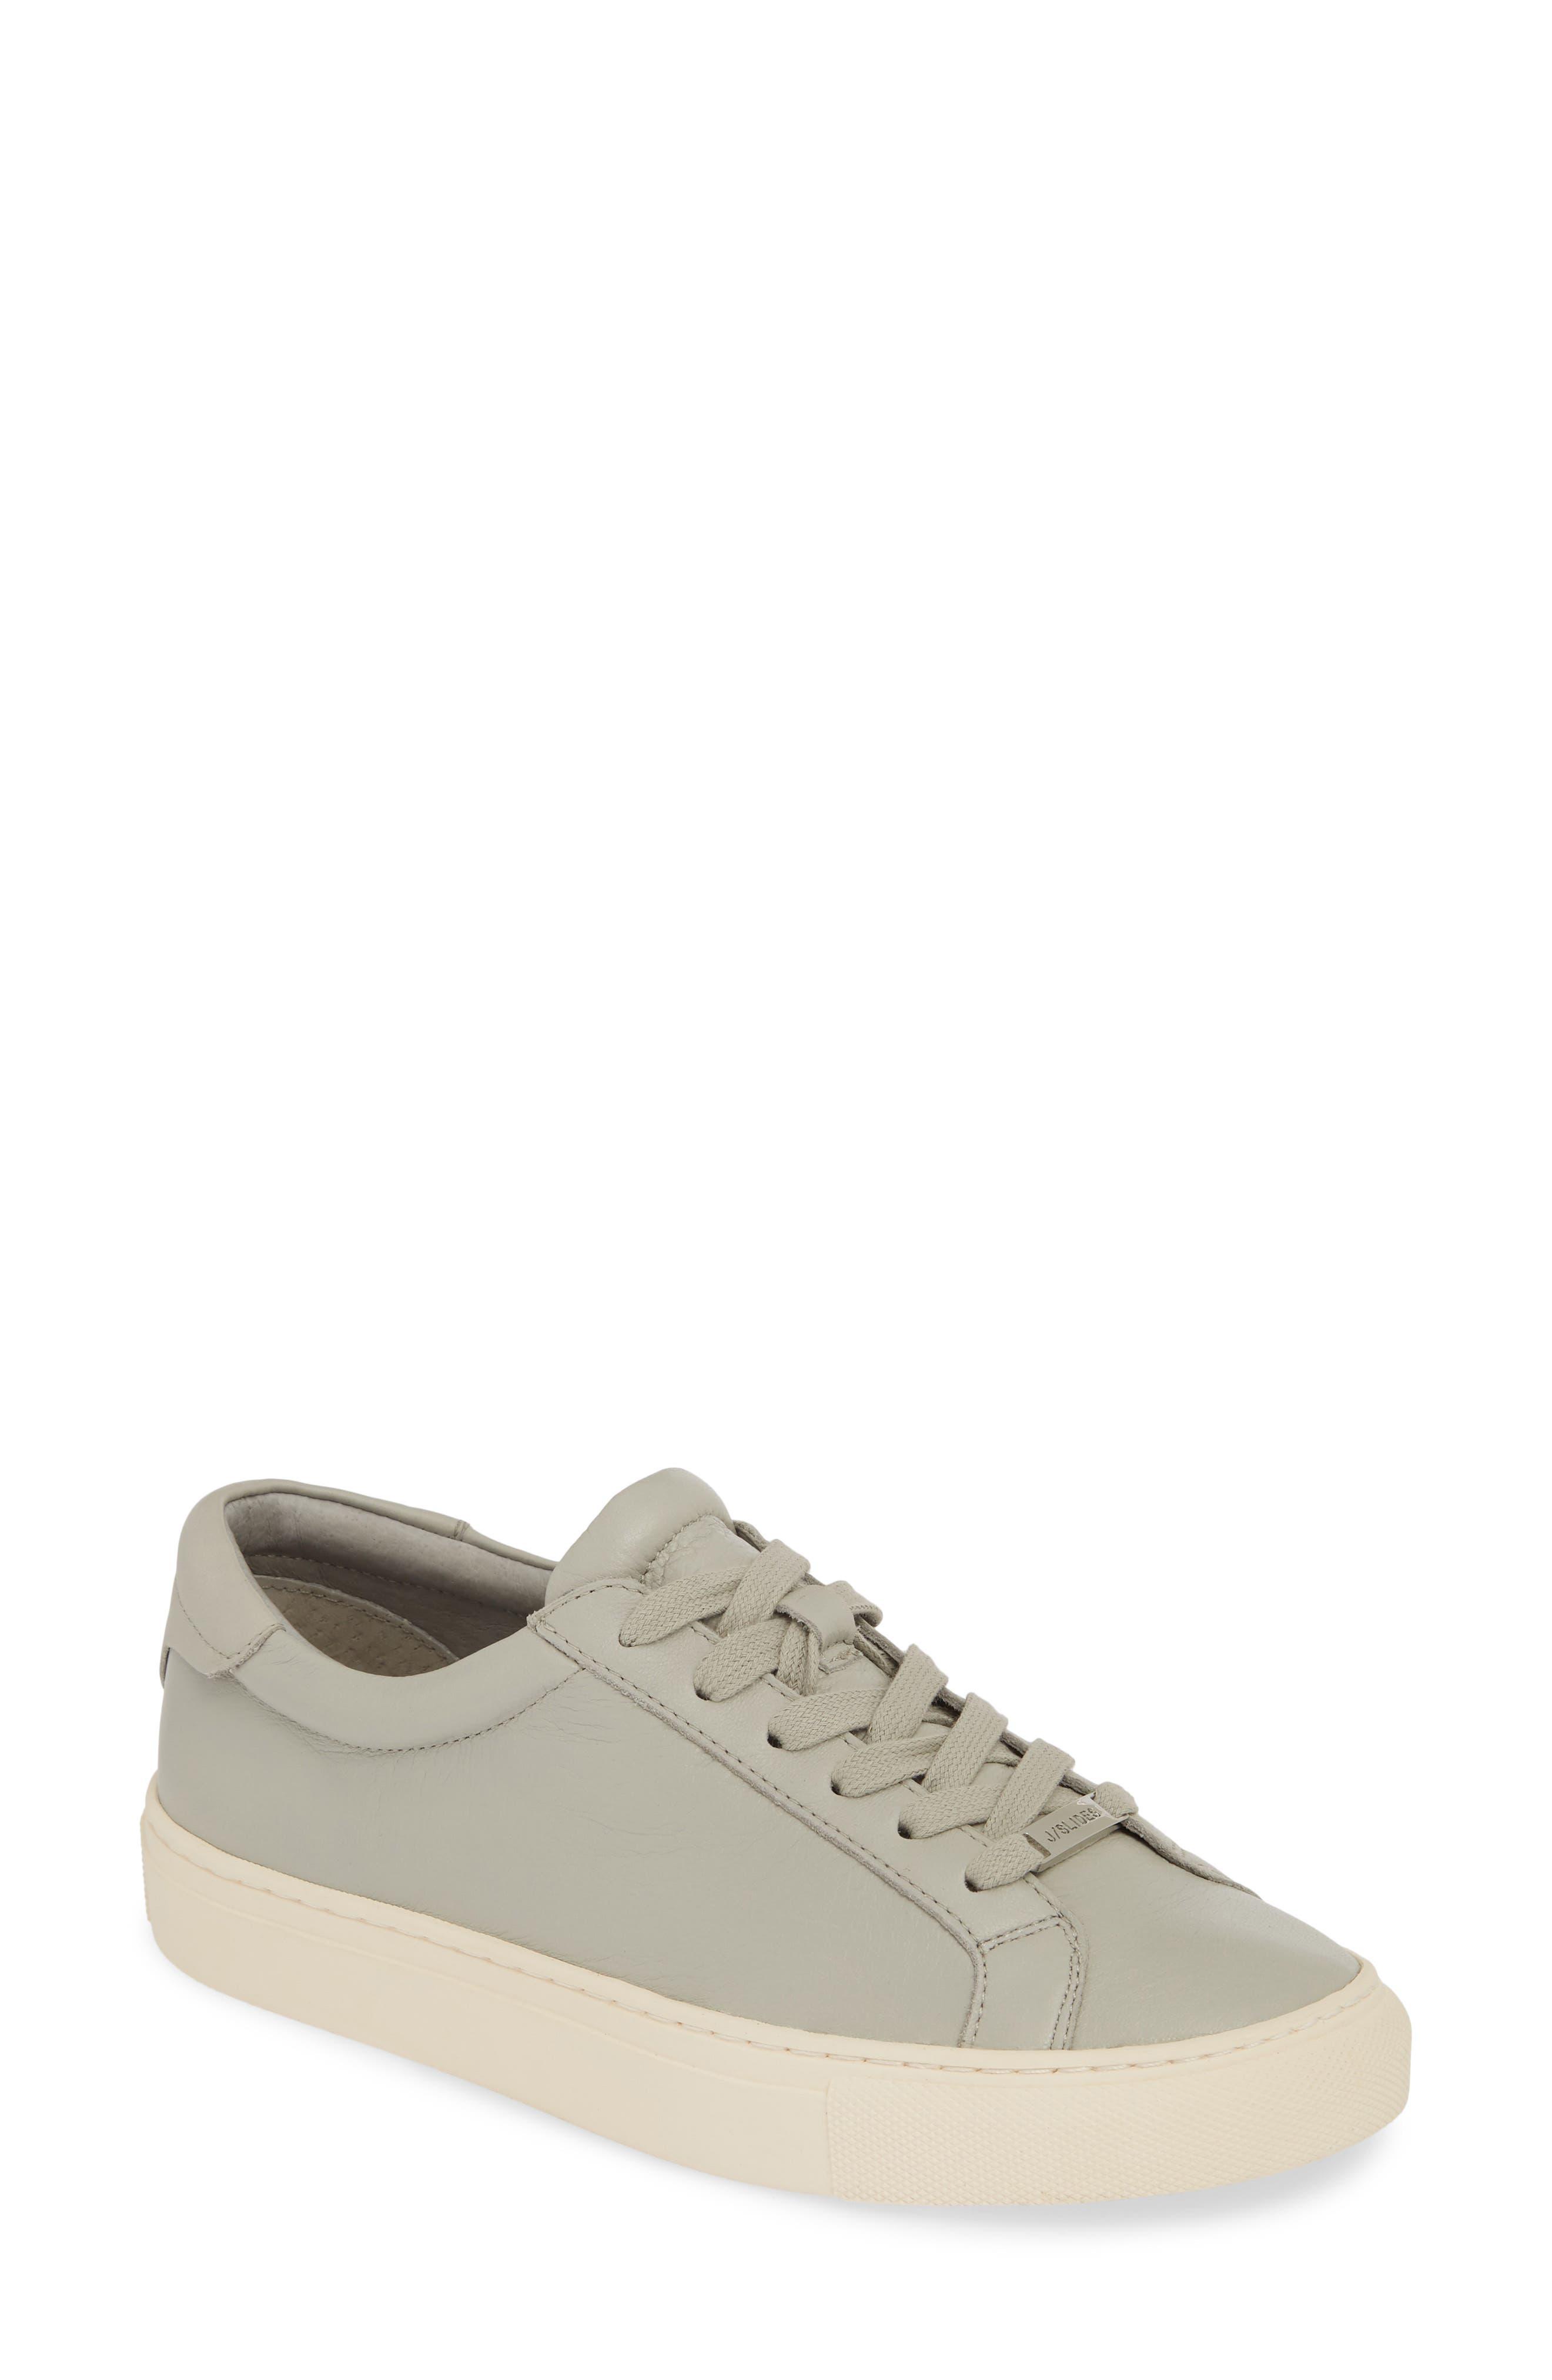 Jslides Lacee Platform Sneaker- Grey